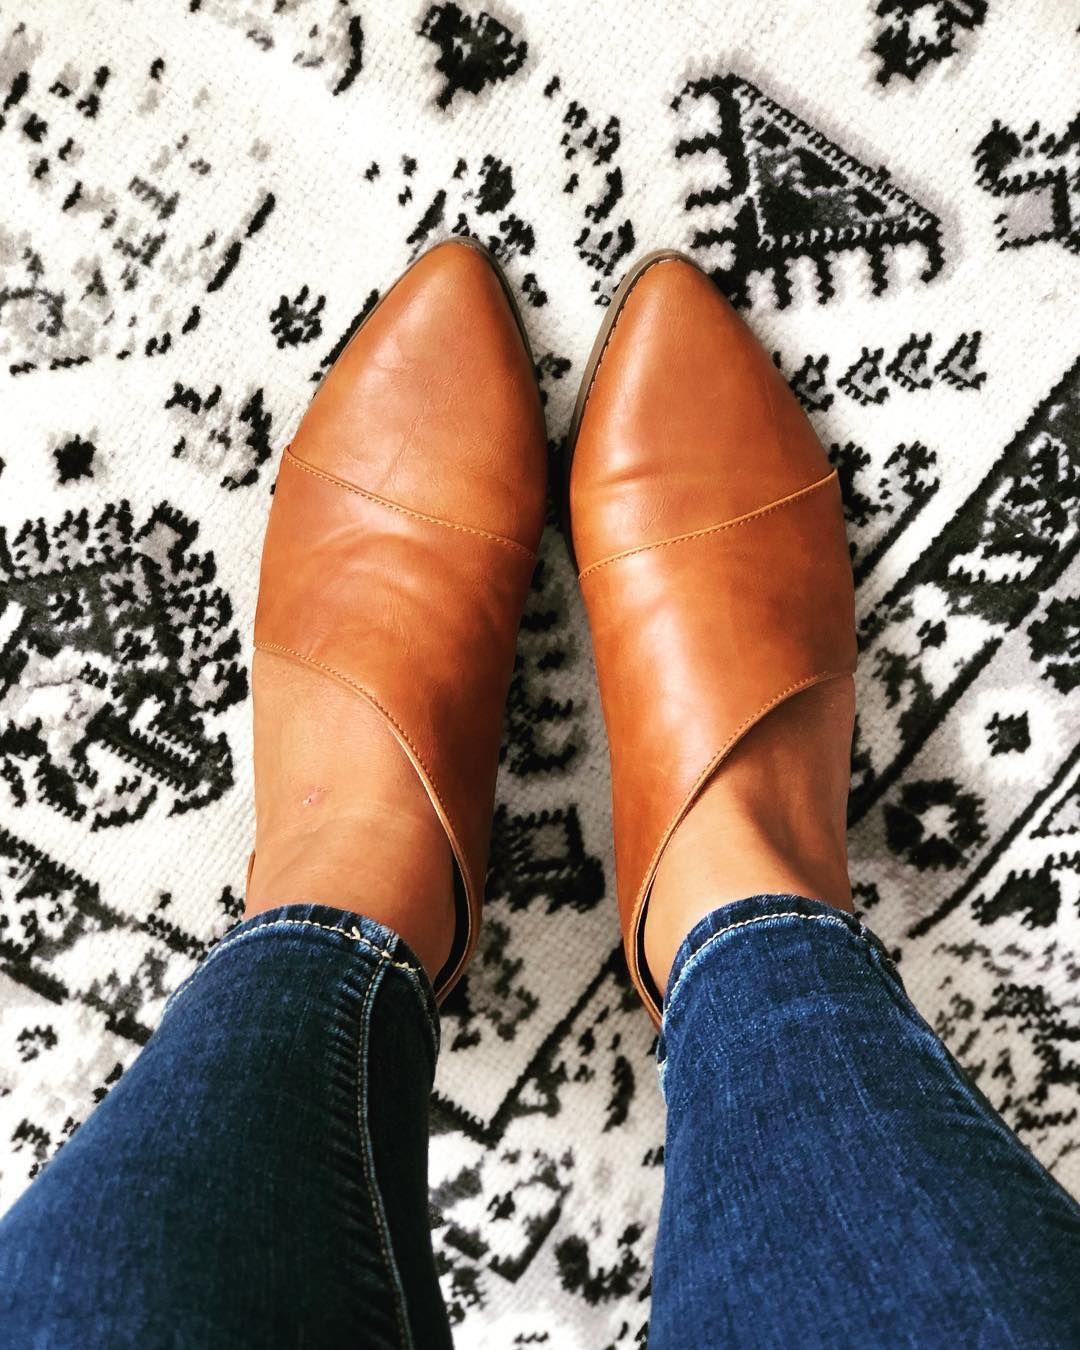 Target Finds | Dress shoes men, Oxford